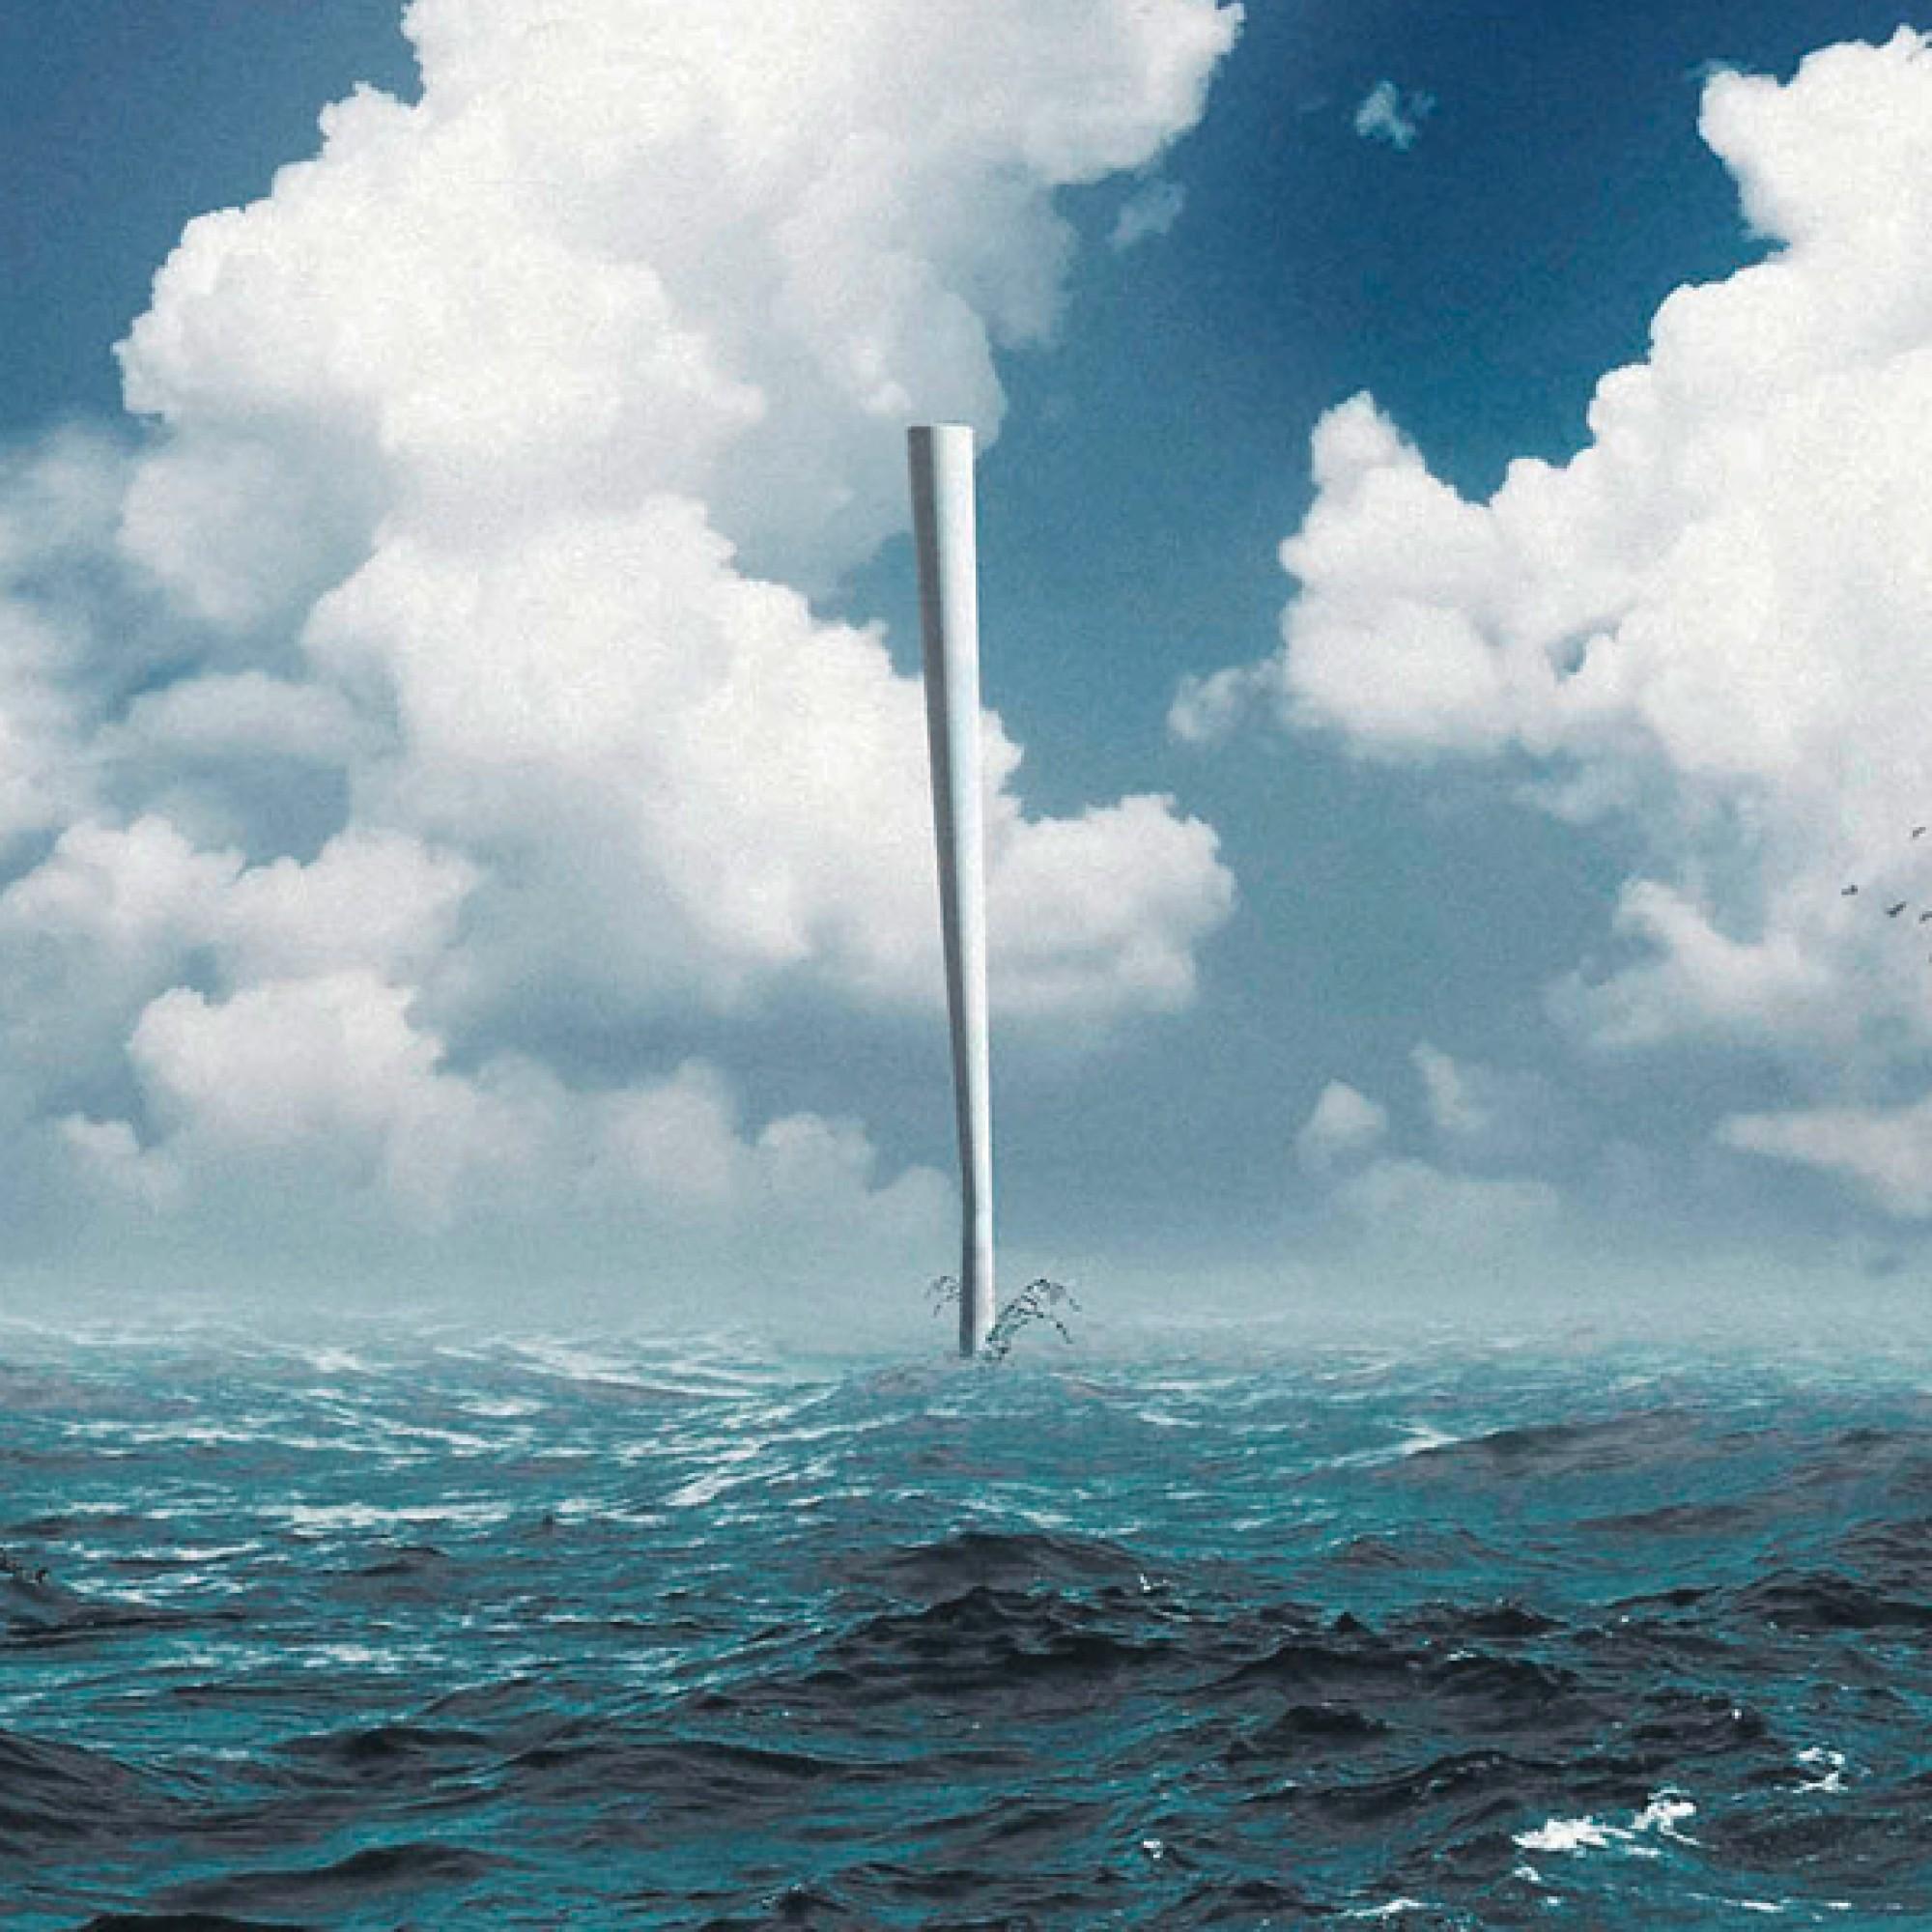 Ob die Windstäbe den -turbinen dereinst Konkurrenz machen. muss sich erst noch zeigen. (zvg)